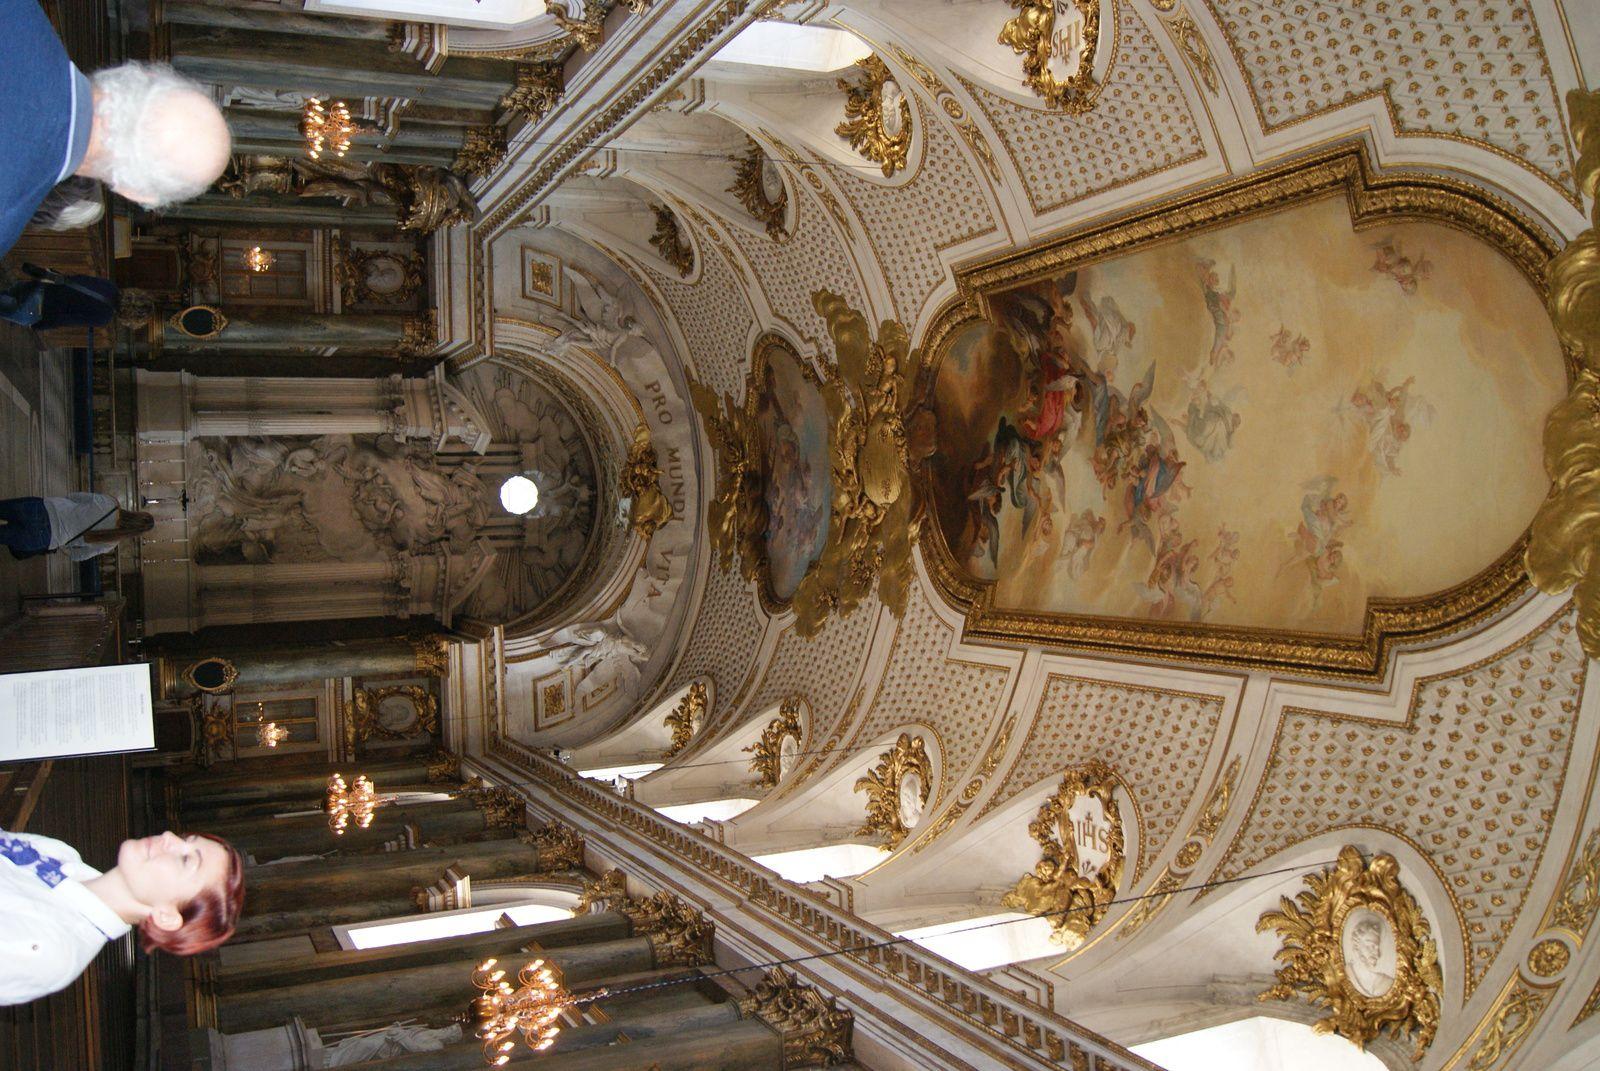 Le palais royal et le plafond de la chapelle royale